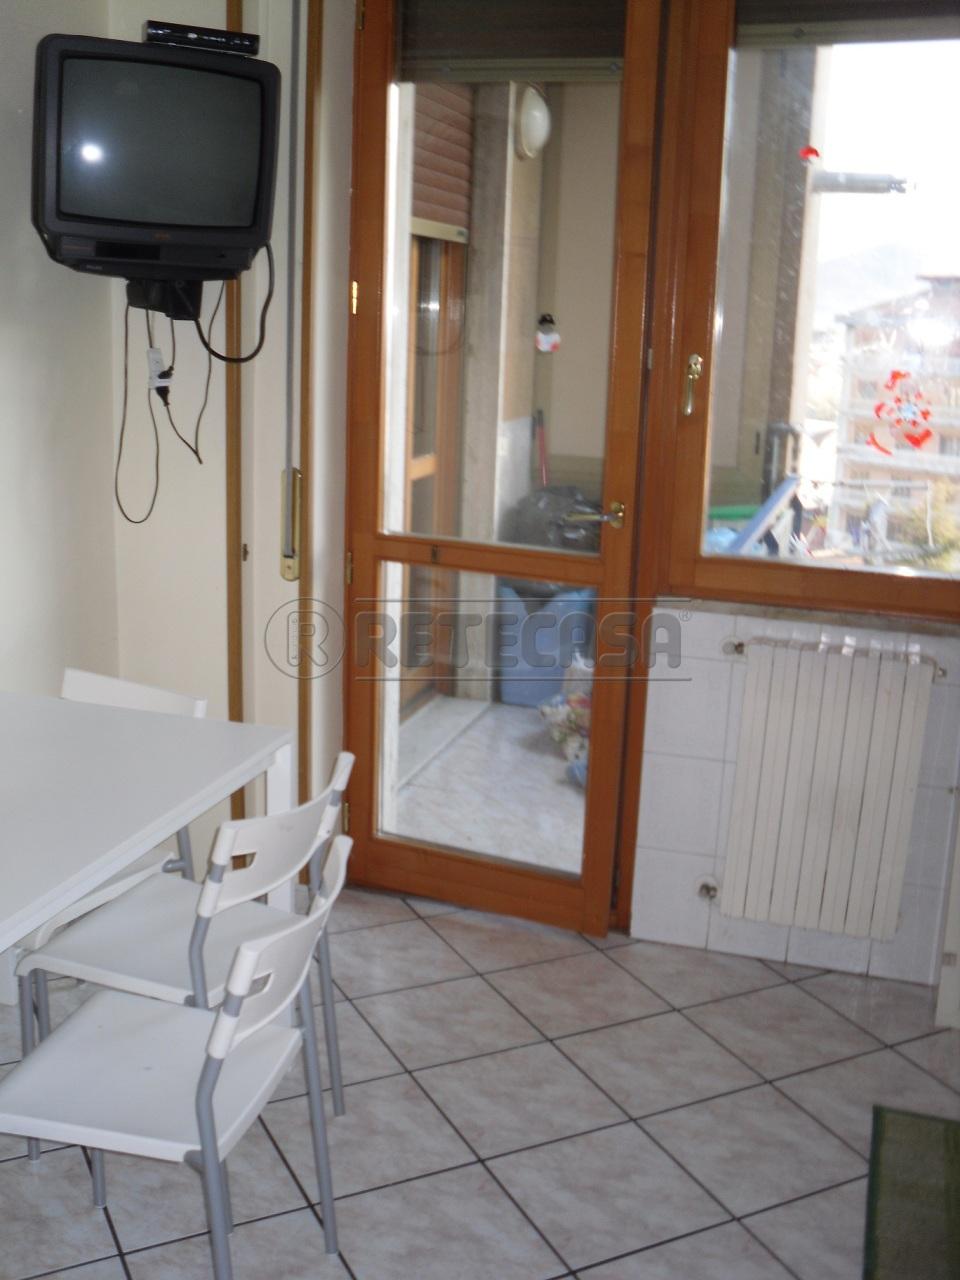 Appartamento in vendita a Mercato San Severino, 4 locali, prezzo € 180.000 | Cambio Casa.it